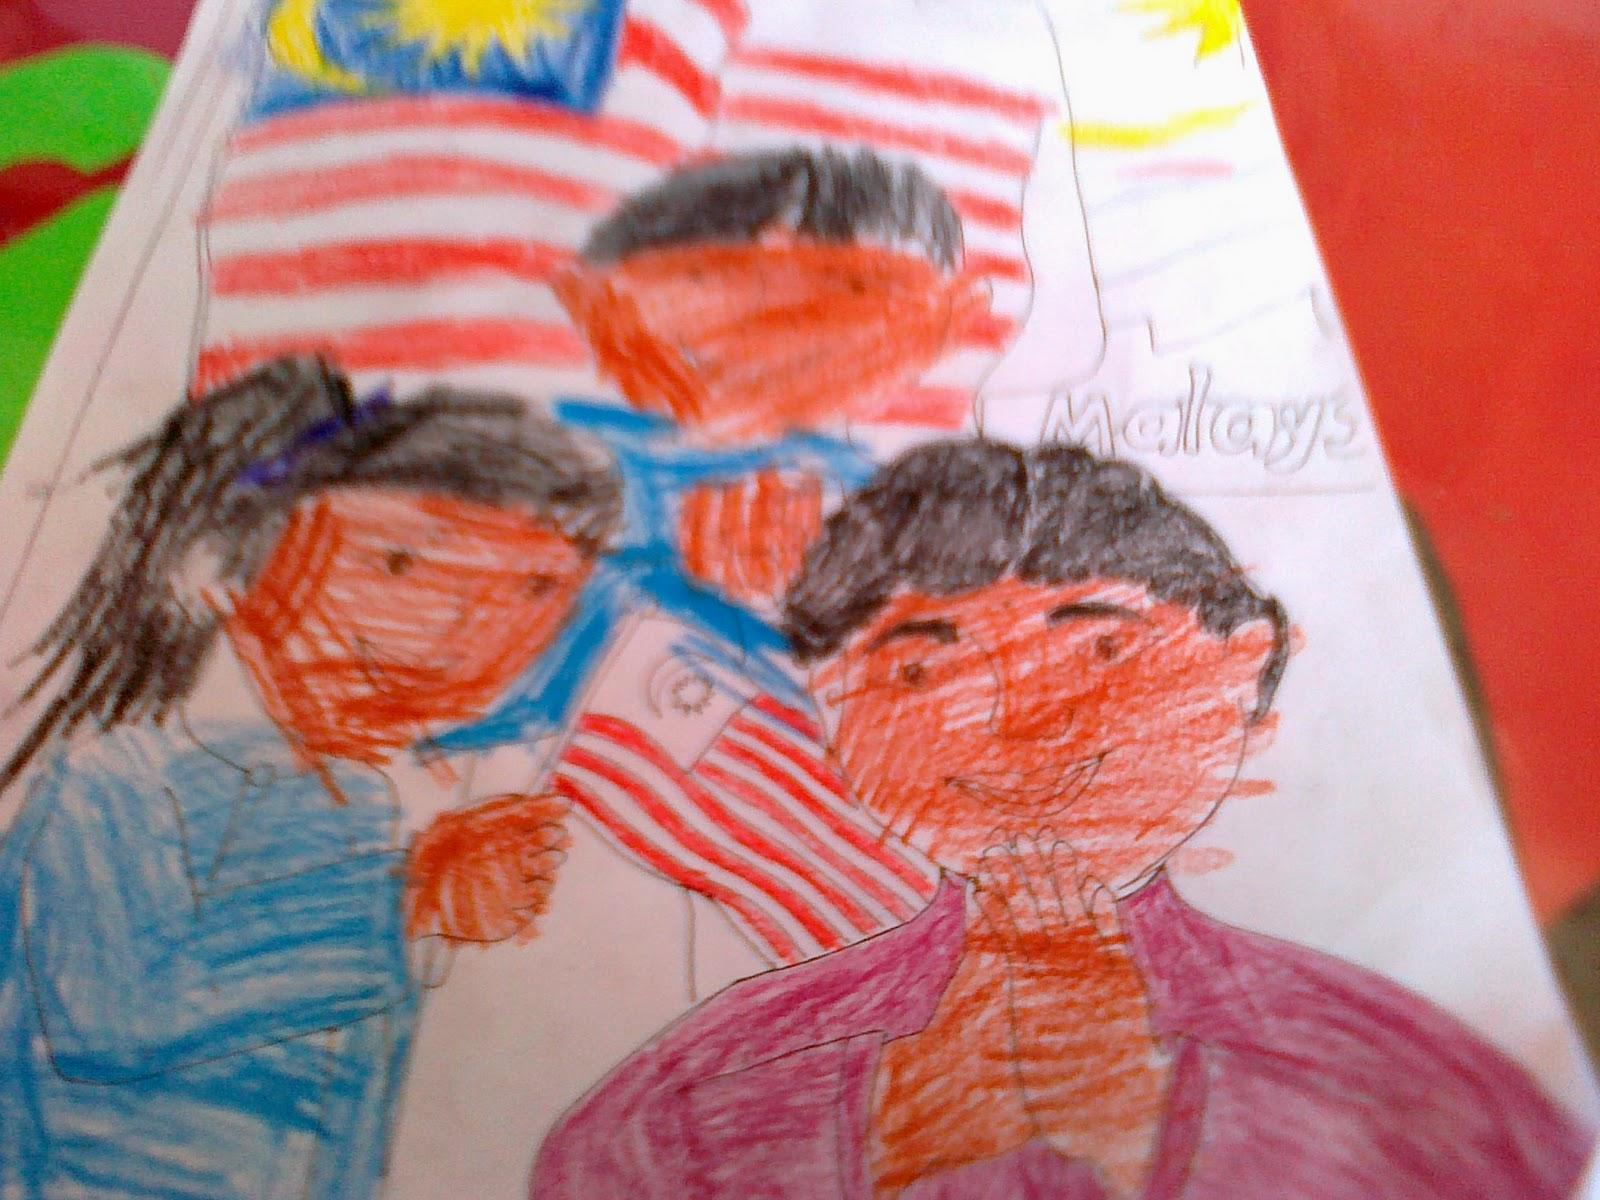 Salmah binti Selamat: Pertandingan Mewarna Hari Merdeka 31 ...